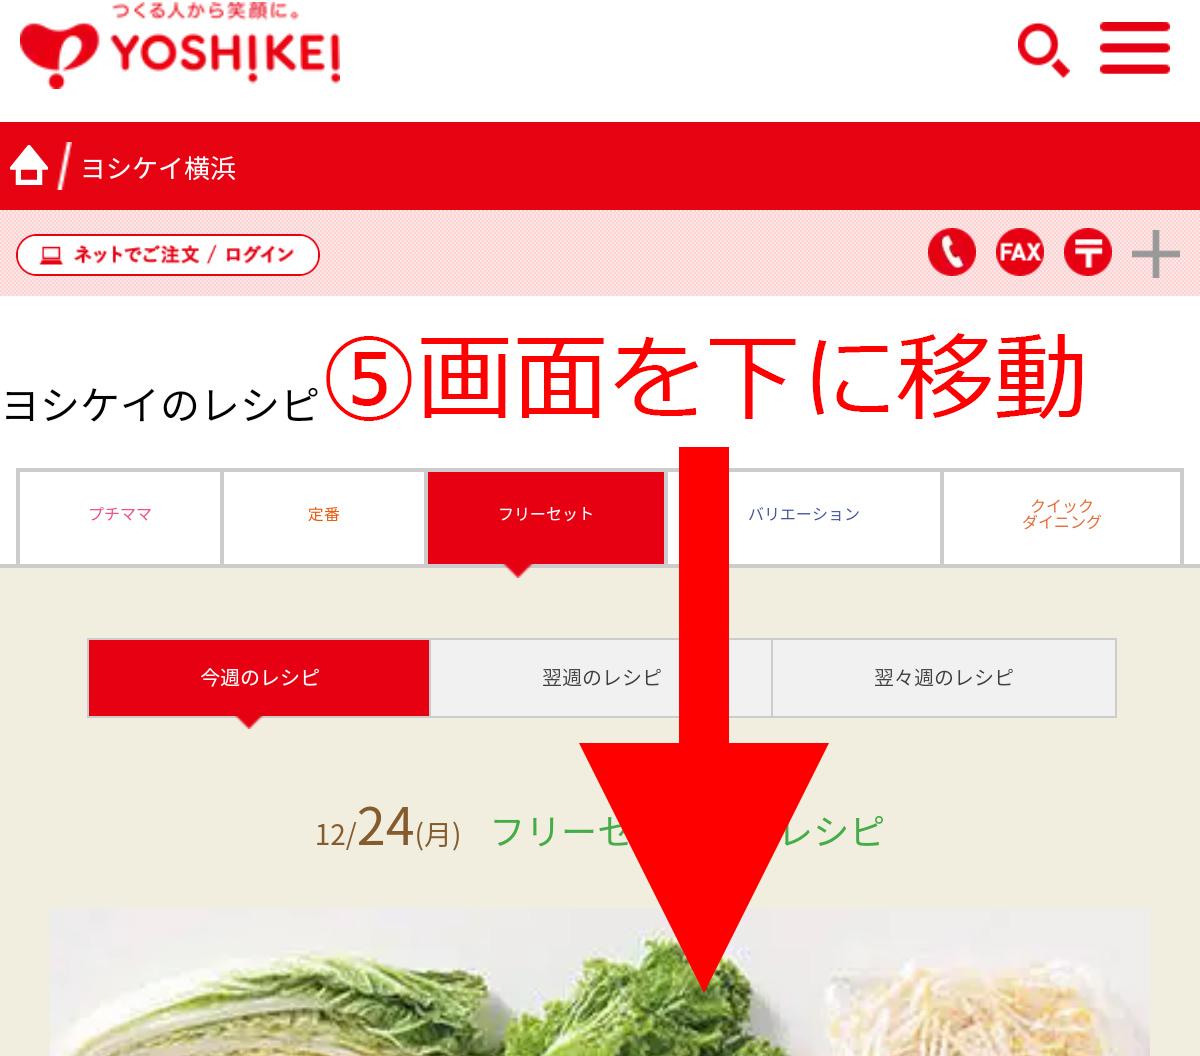 表示された地域専用ホームページ(例:ヨシケイ横浜)の画面を下に移動させます